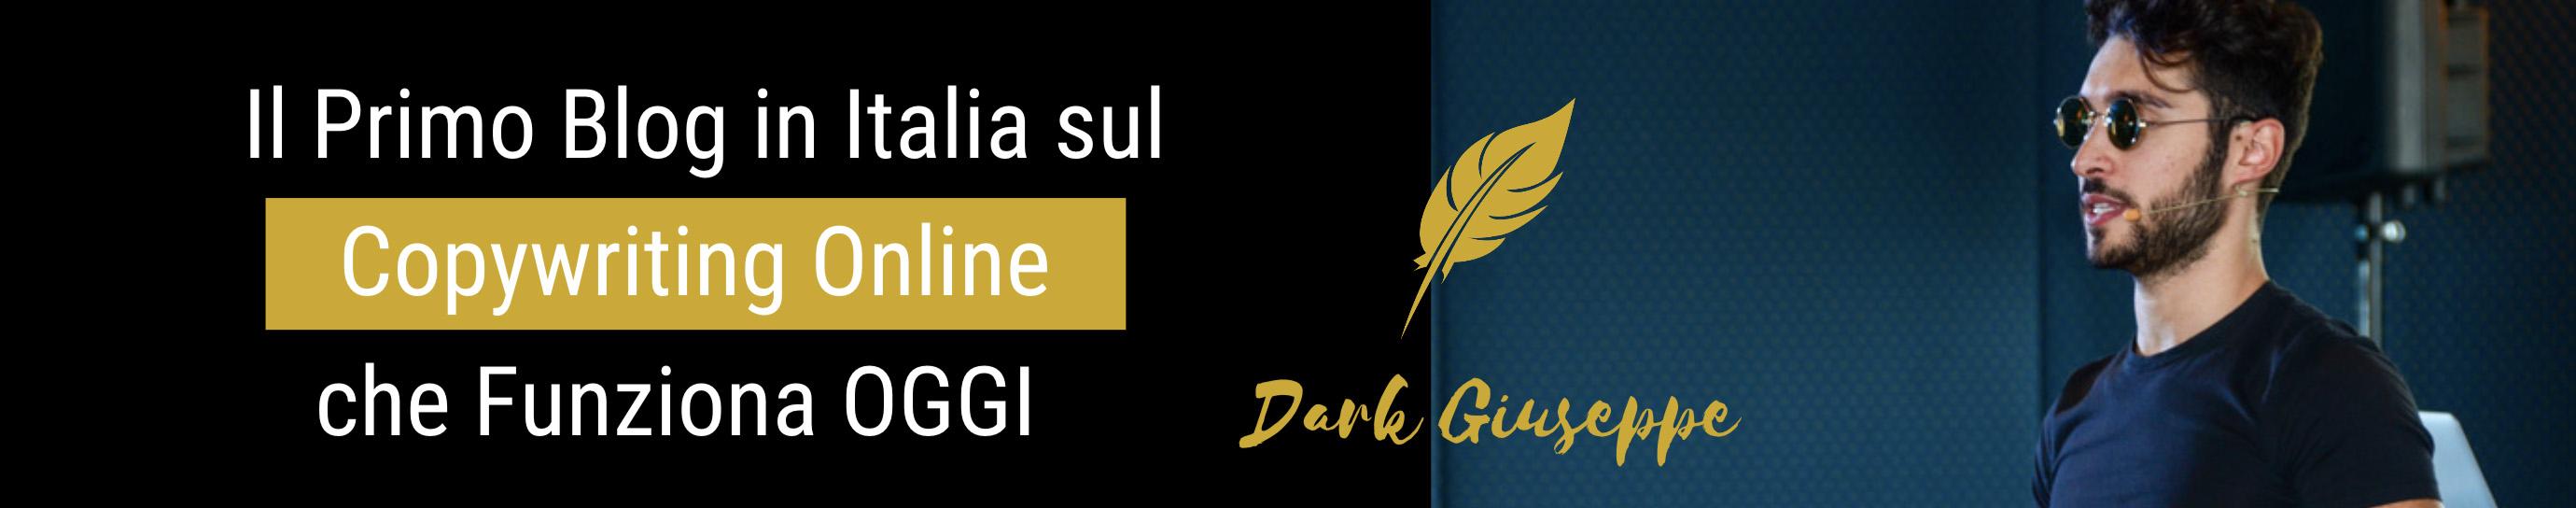 Dark Giuseppe Copywriting Online